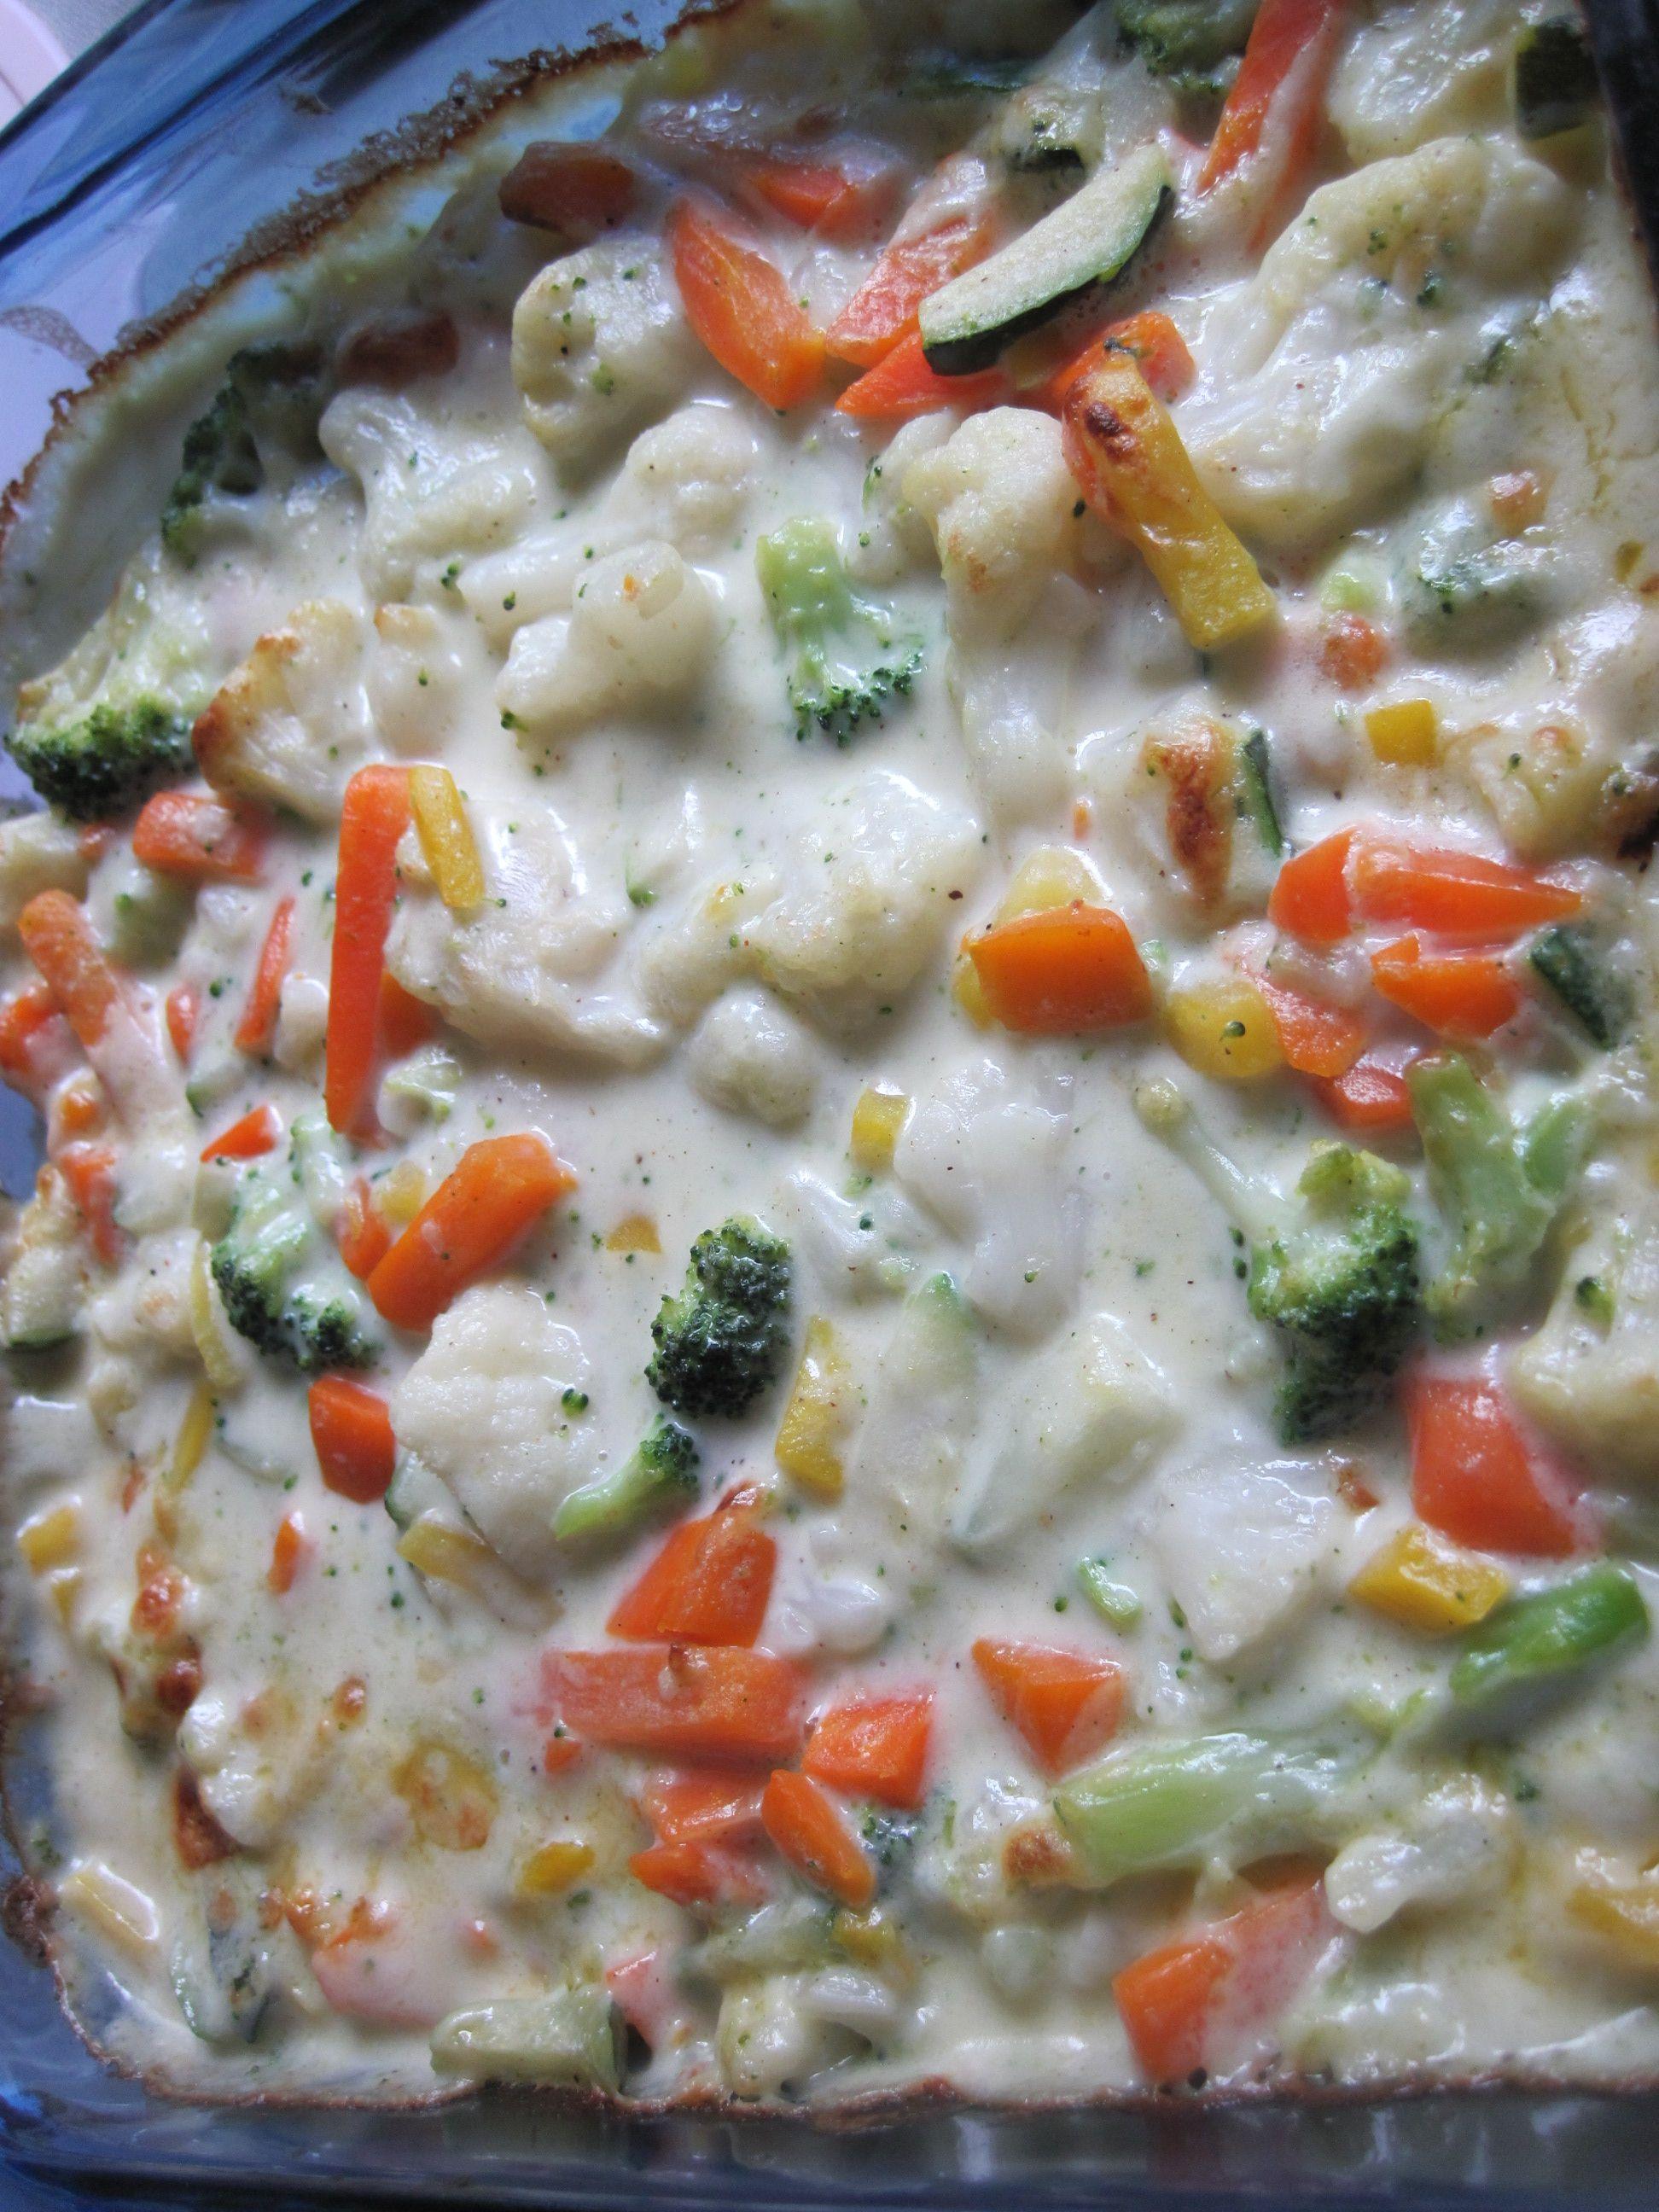 http://www.hopottajat.fi/apetitgratiinit/ #hopottajat #apetitgratiinit Kasvisgratiini maistui